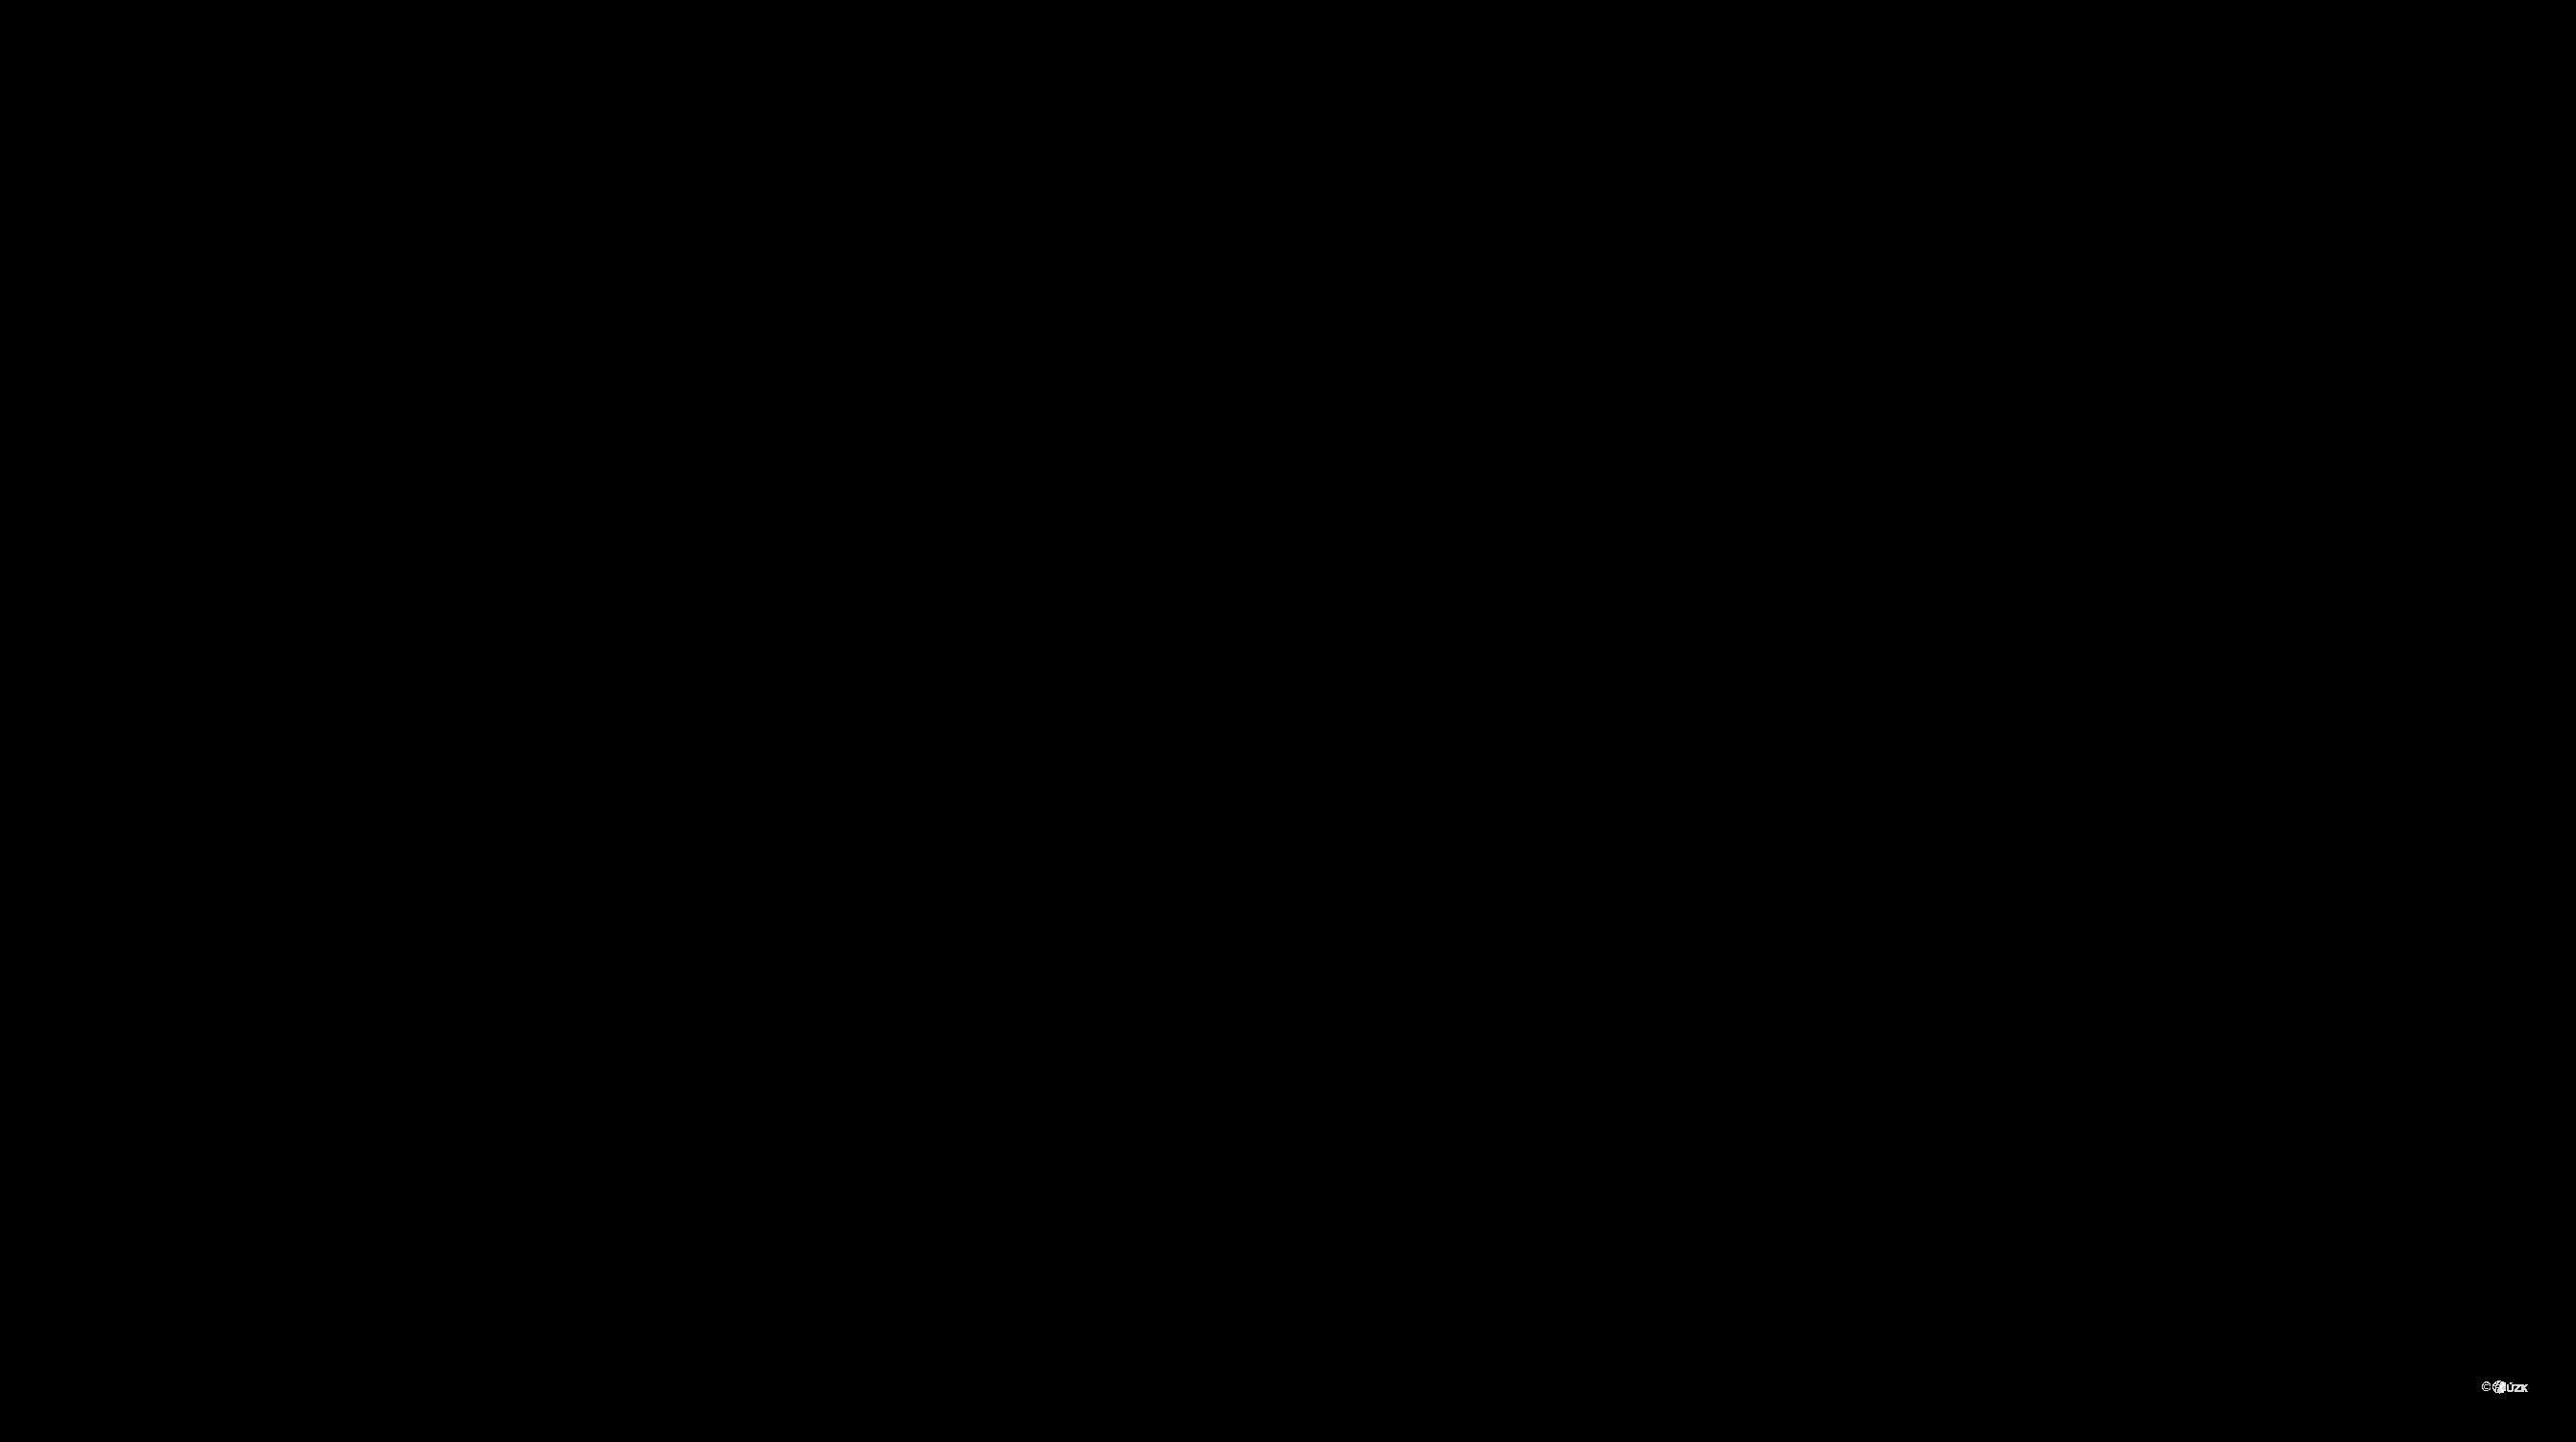 Katastrální mapa pozemků a čísla parcel Zibohlavy